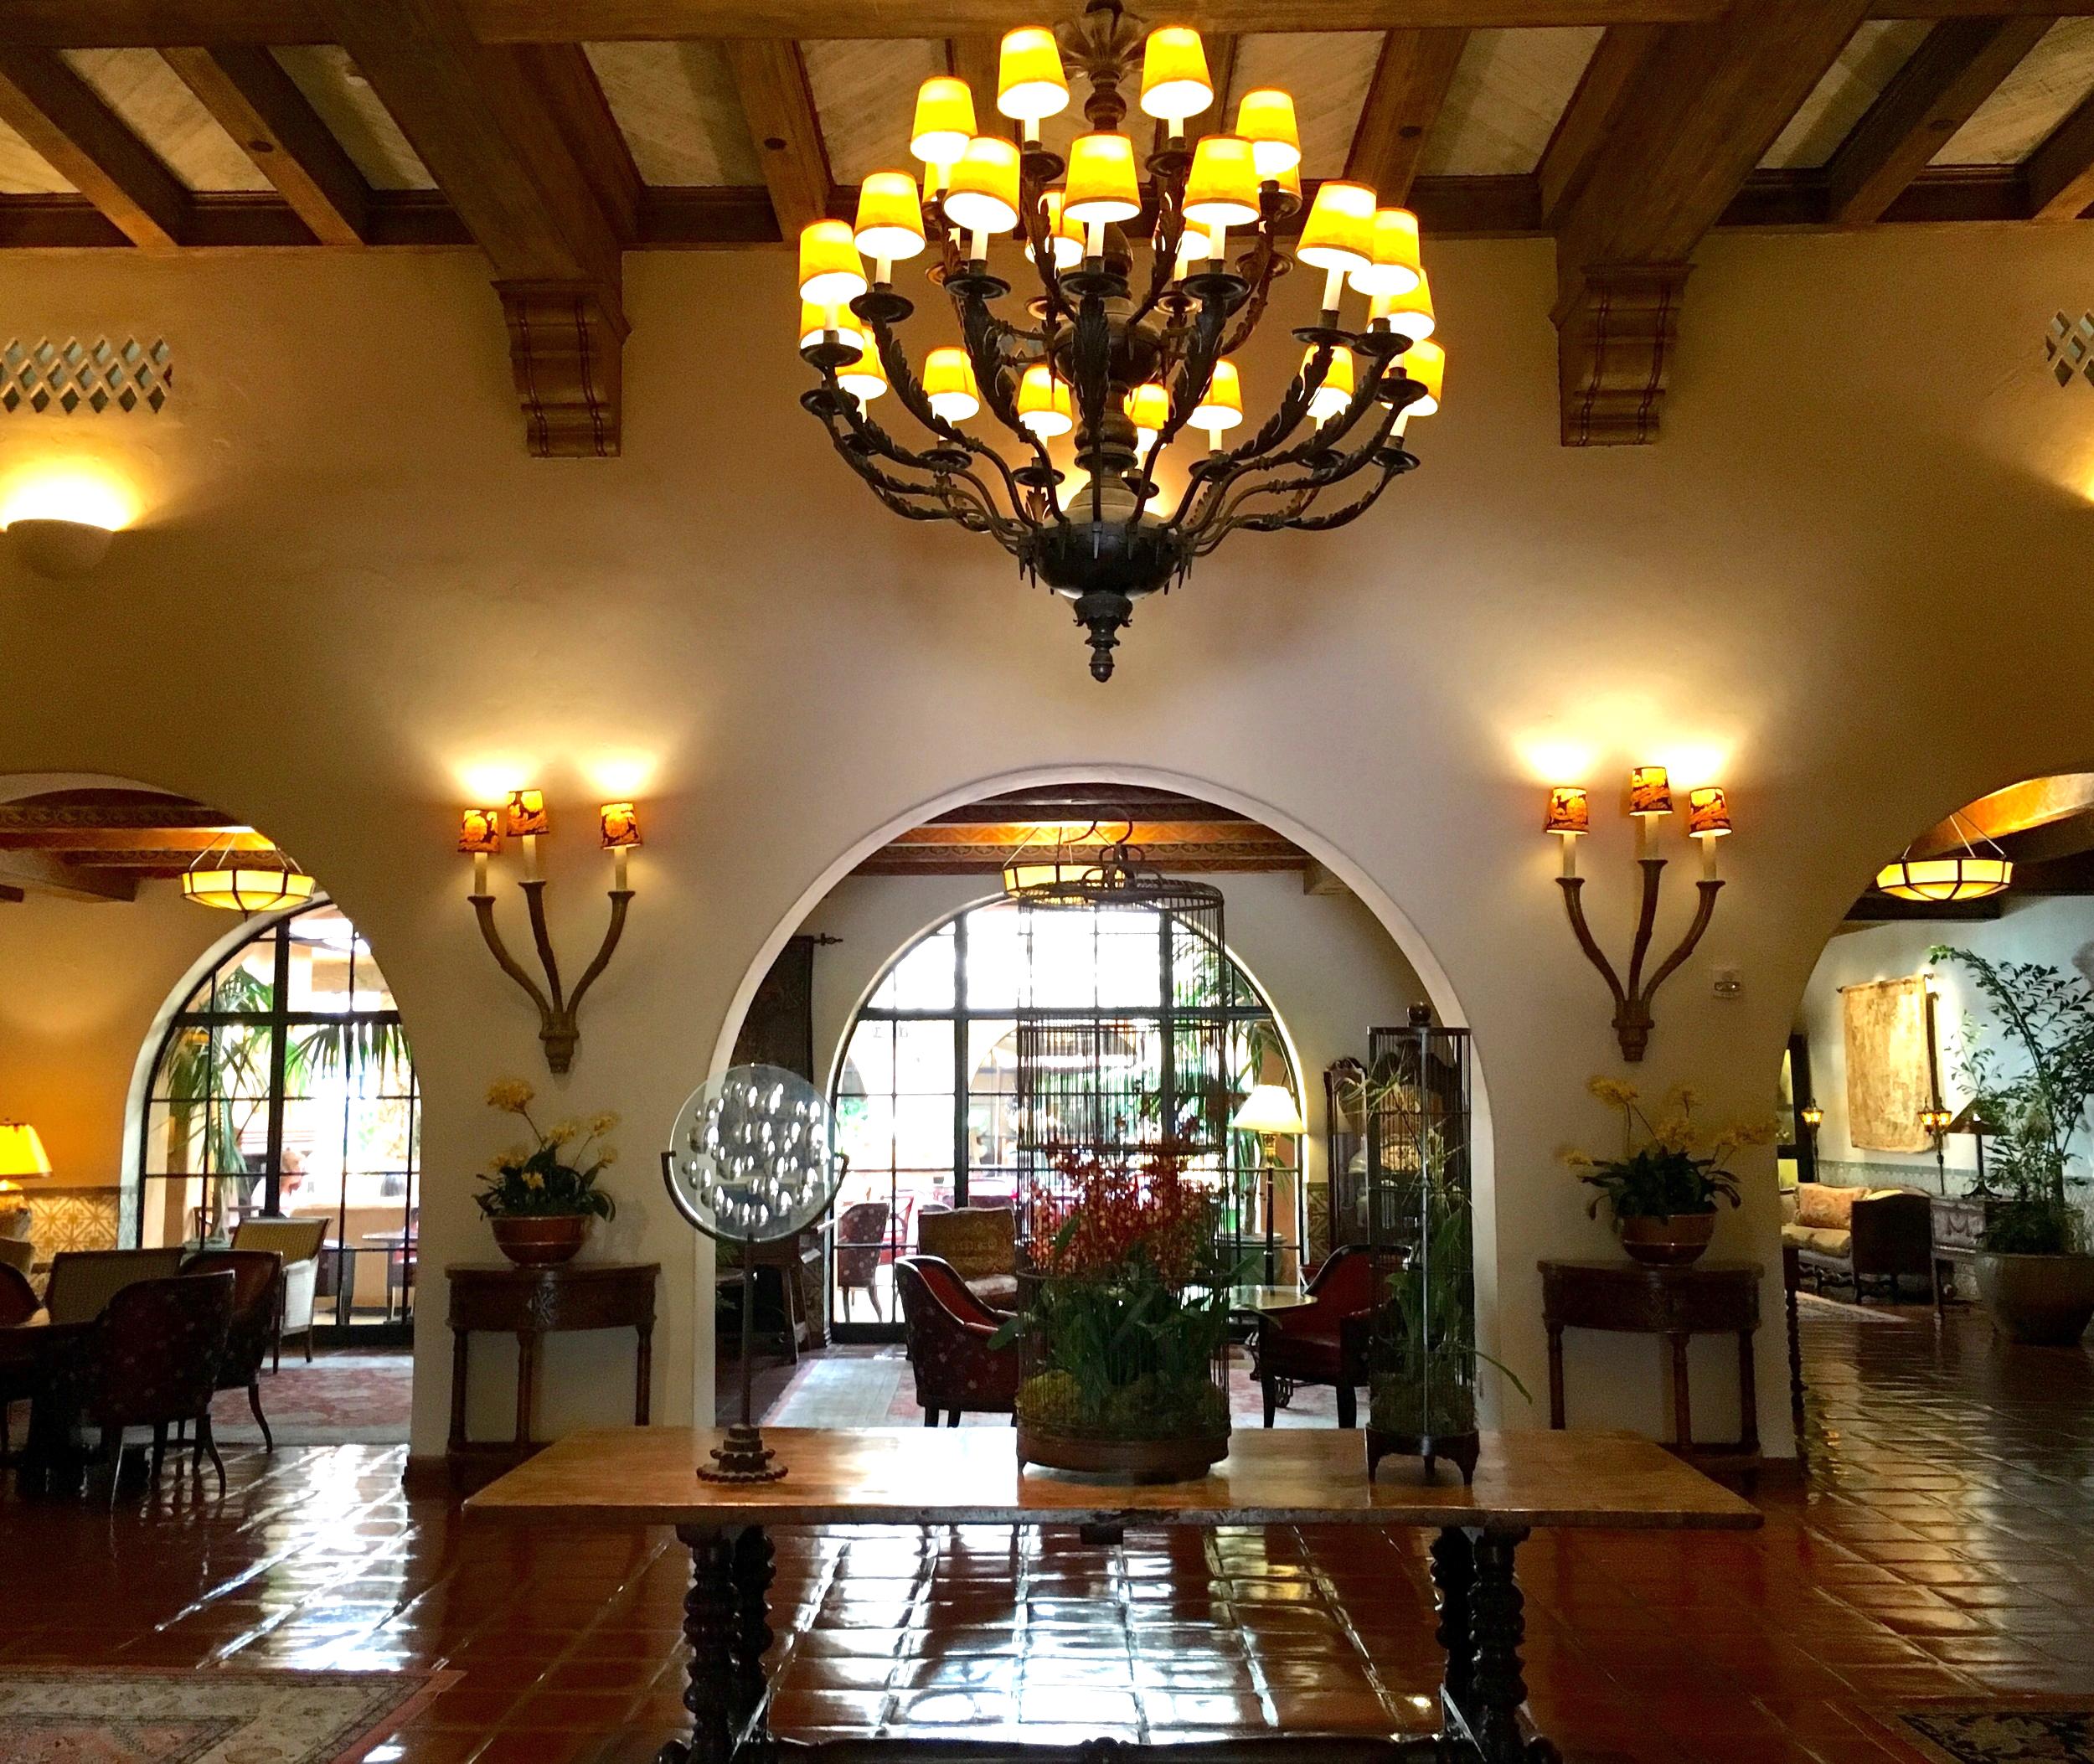 Four Seasons Resort The Biltmore Santa Barbara Lobby